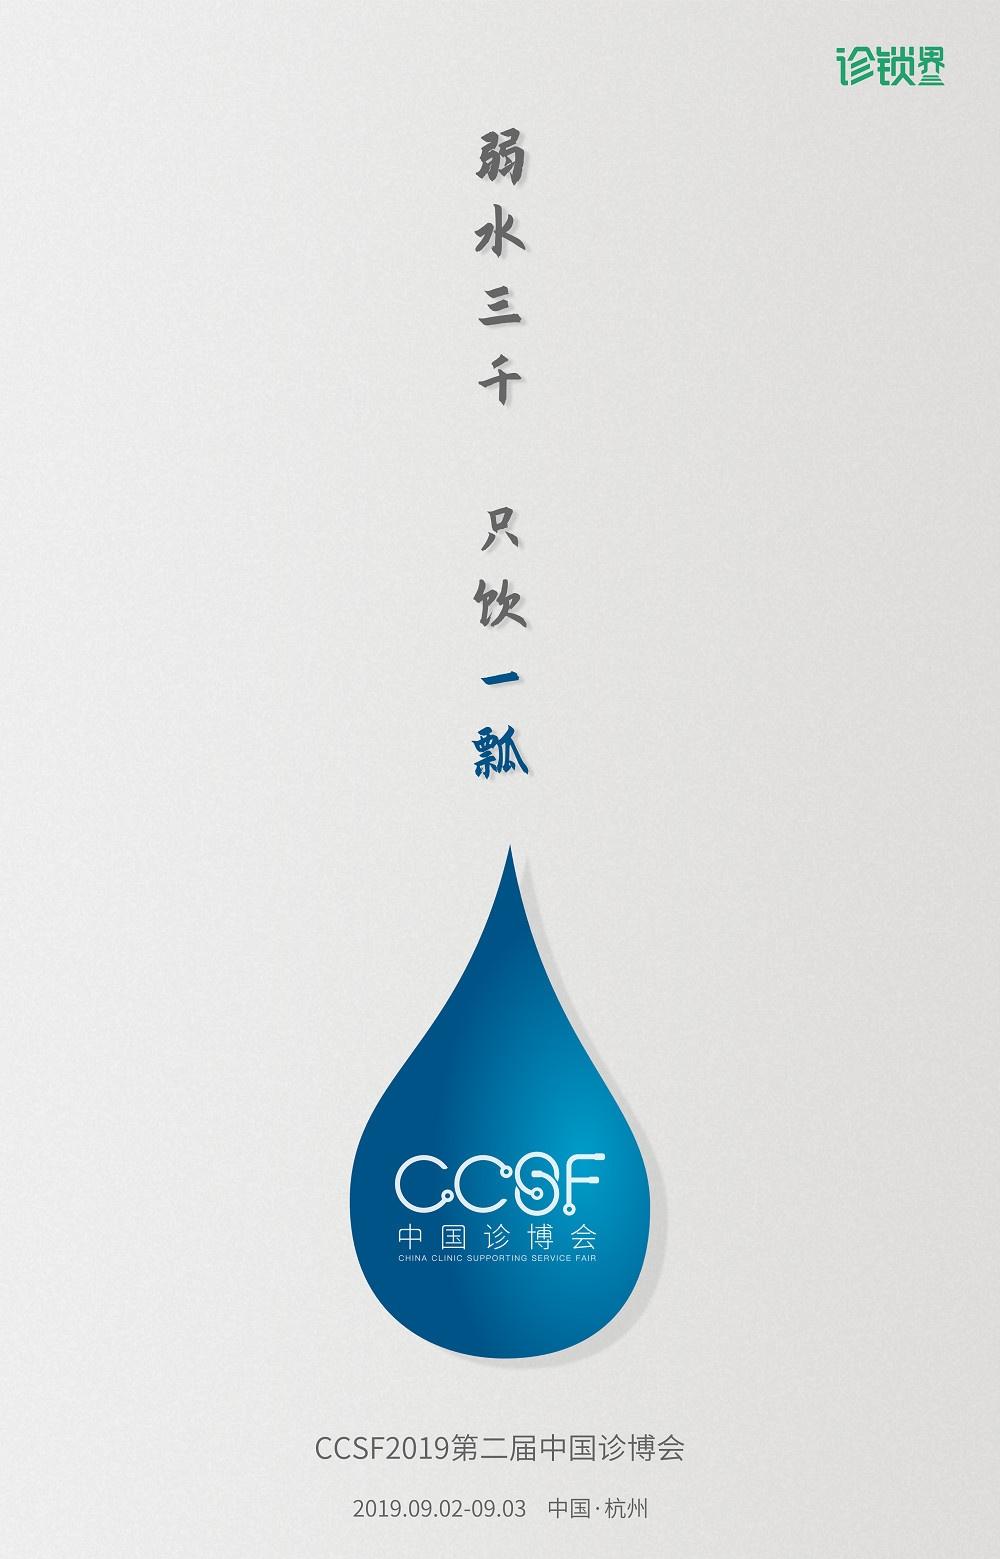 一瓢丨CCSF2019第二届中国诊博会主题发布!